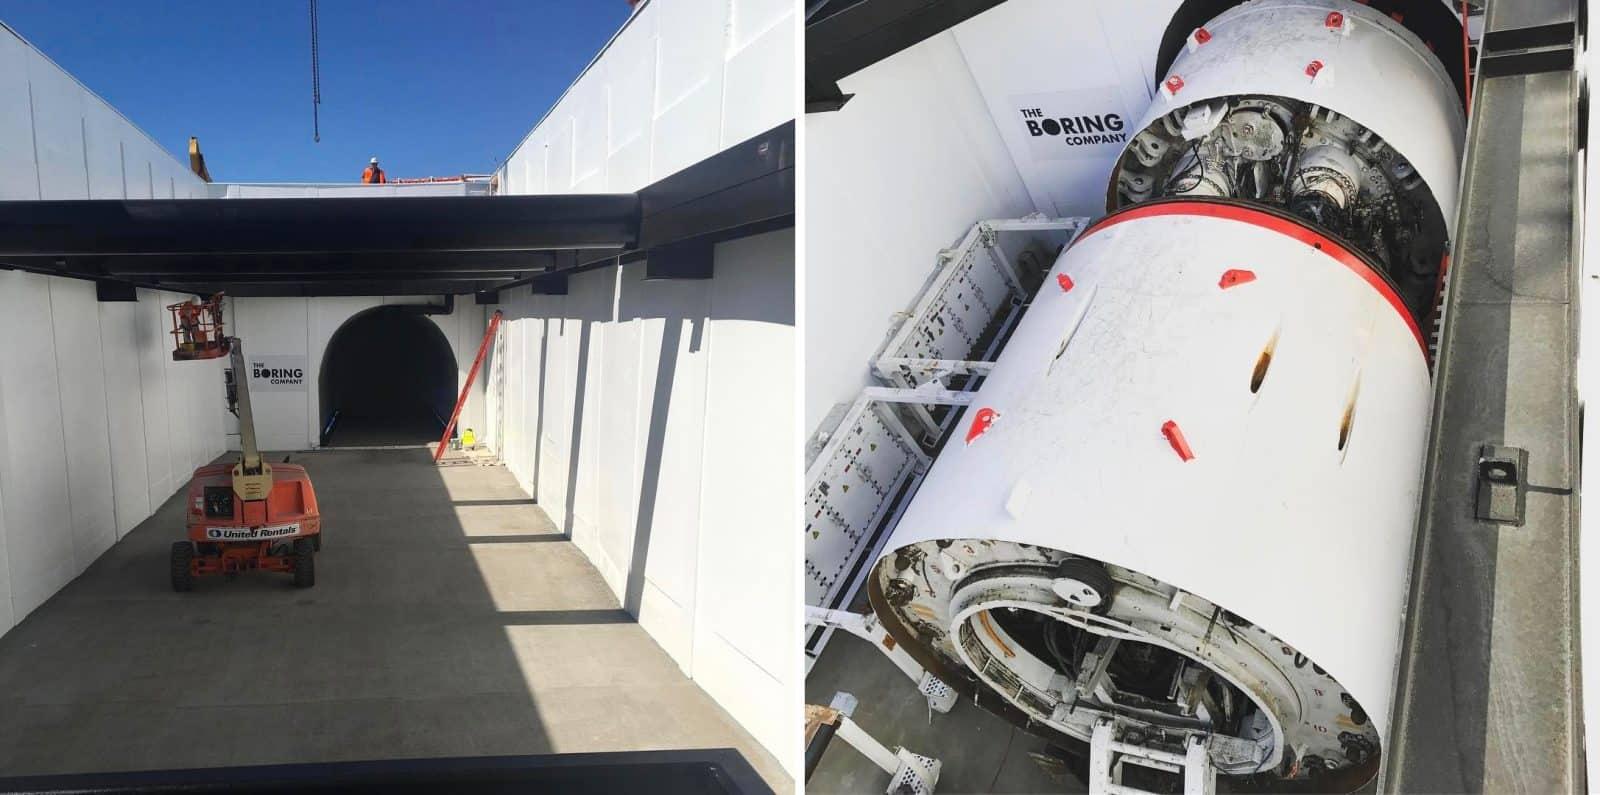 華盛頓至紐約 Hyperloop 高速列車獲初步動工許可